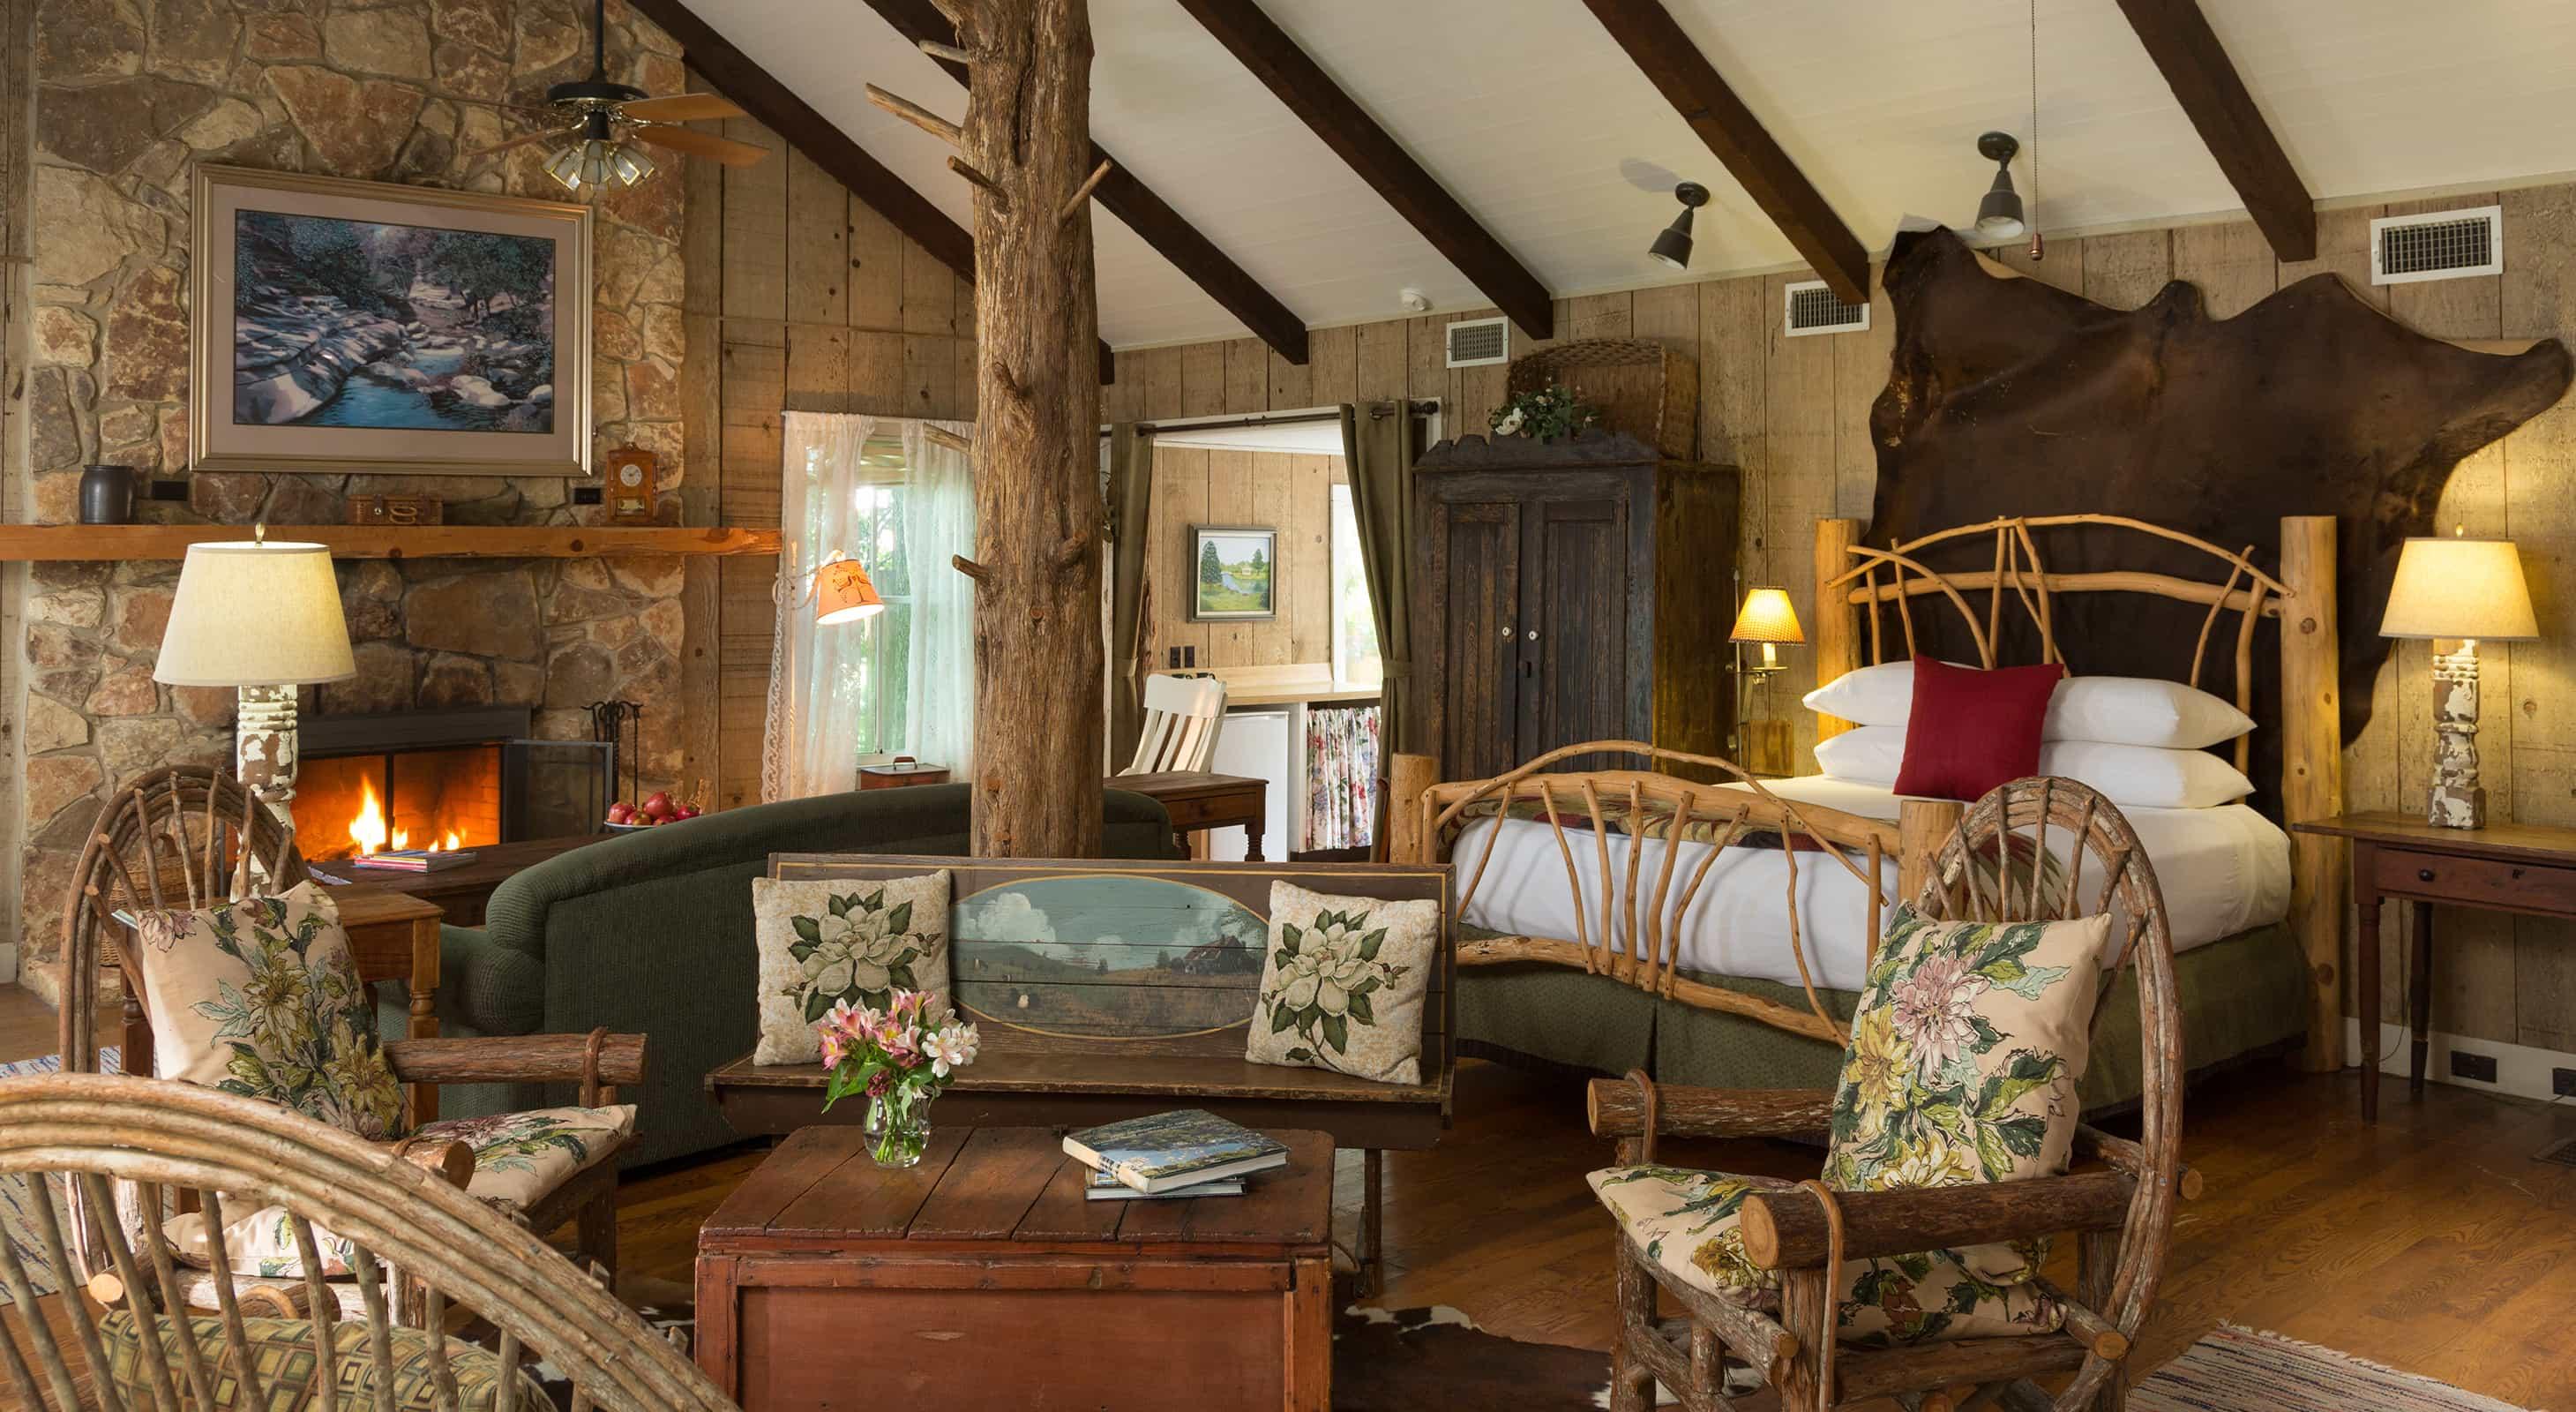 Magnolia Suite: Brenham lodging in Texas